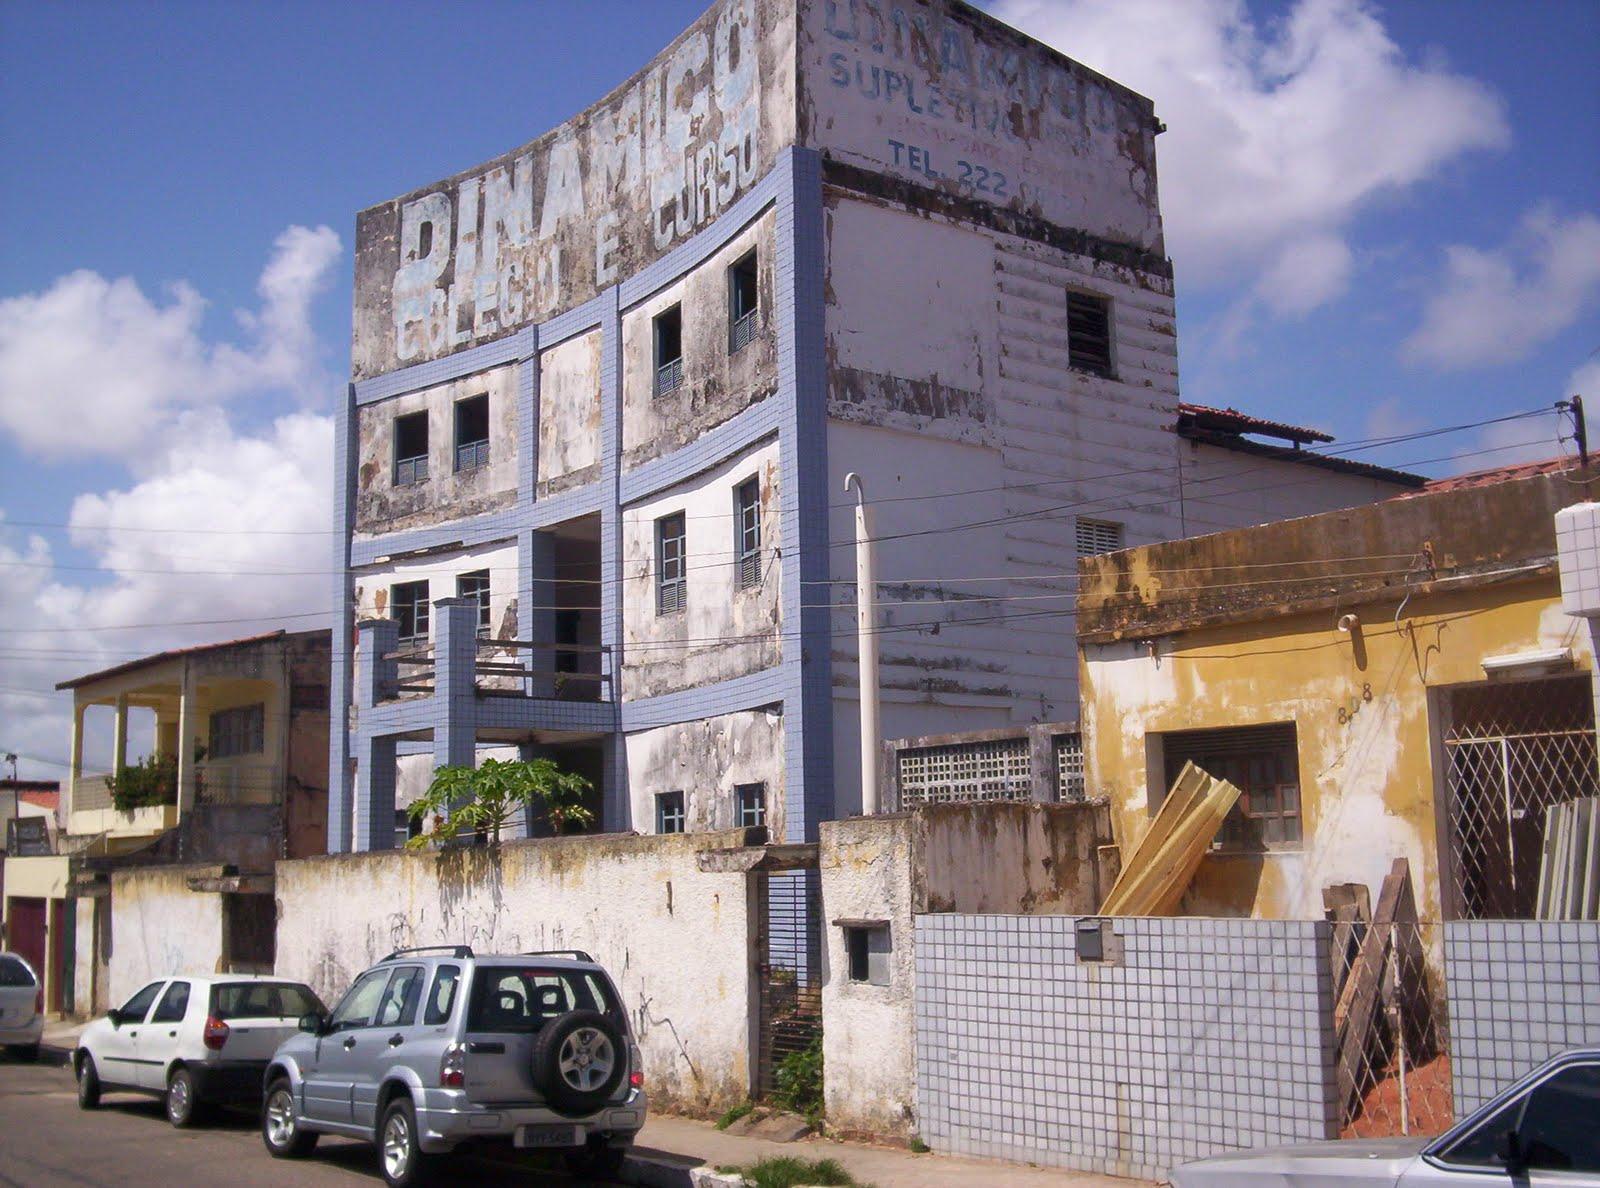 Que prédio natalense é nesta foto?